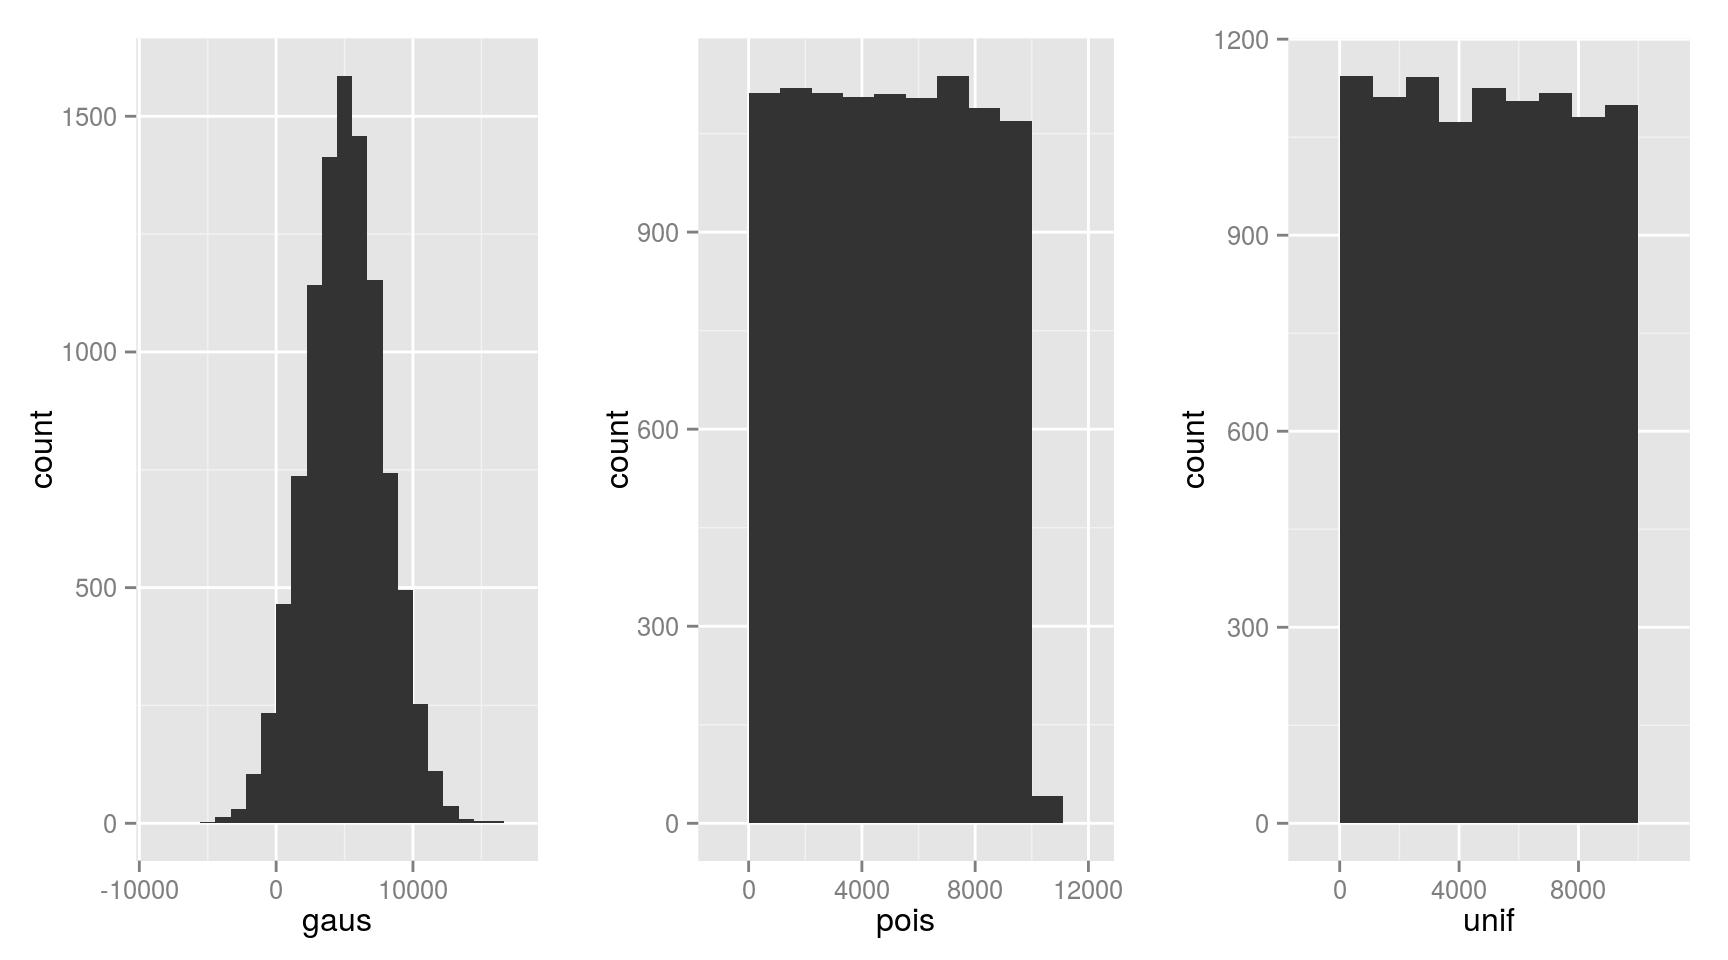 Random sampling histogram